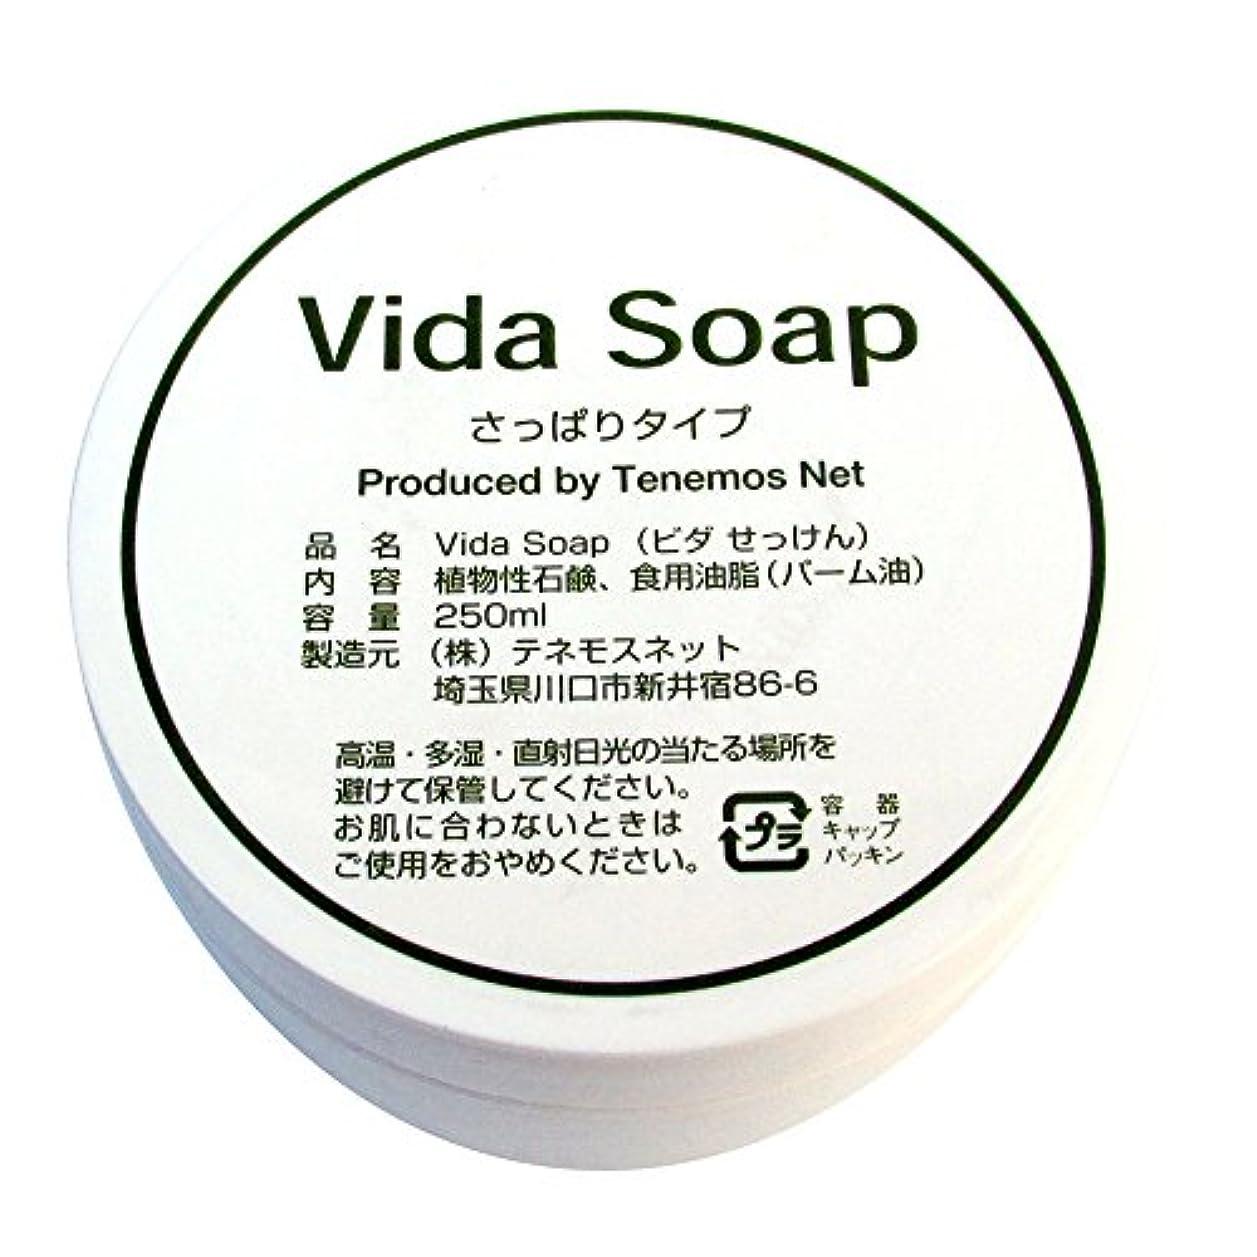 広々舗装馬鹿げたテネモス ビダせっけん Vida Soap さっぱりノーマル 植物性 250ml